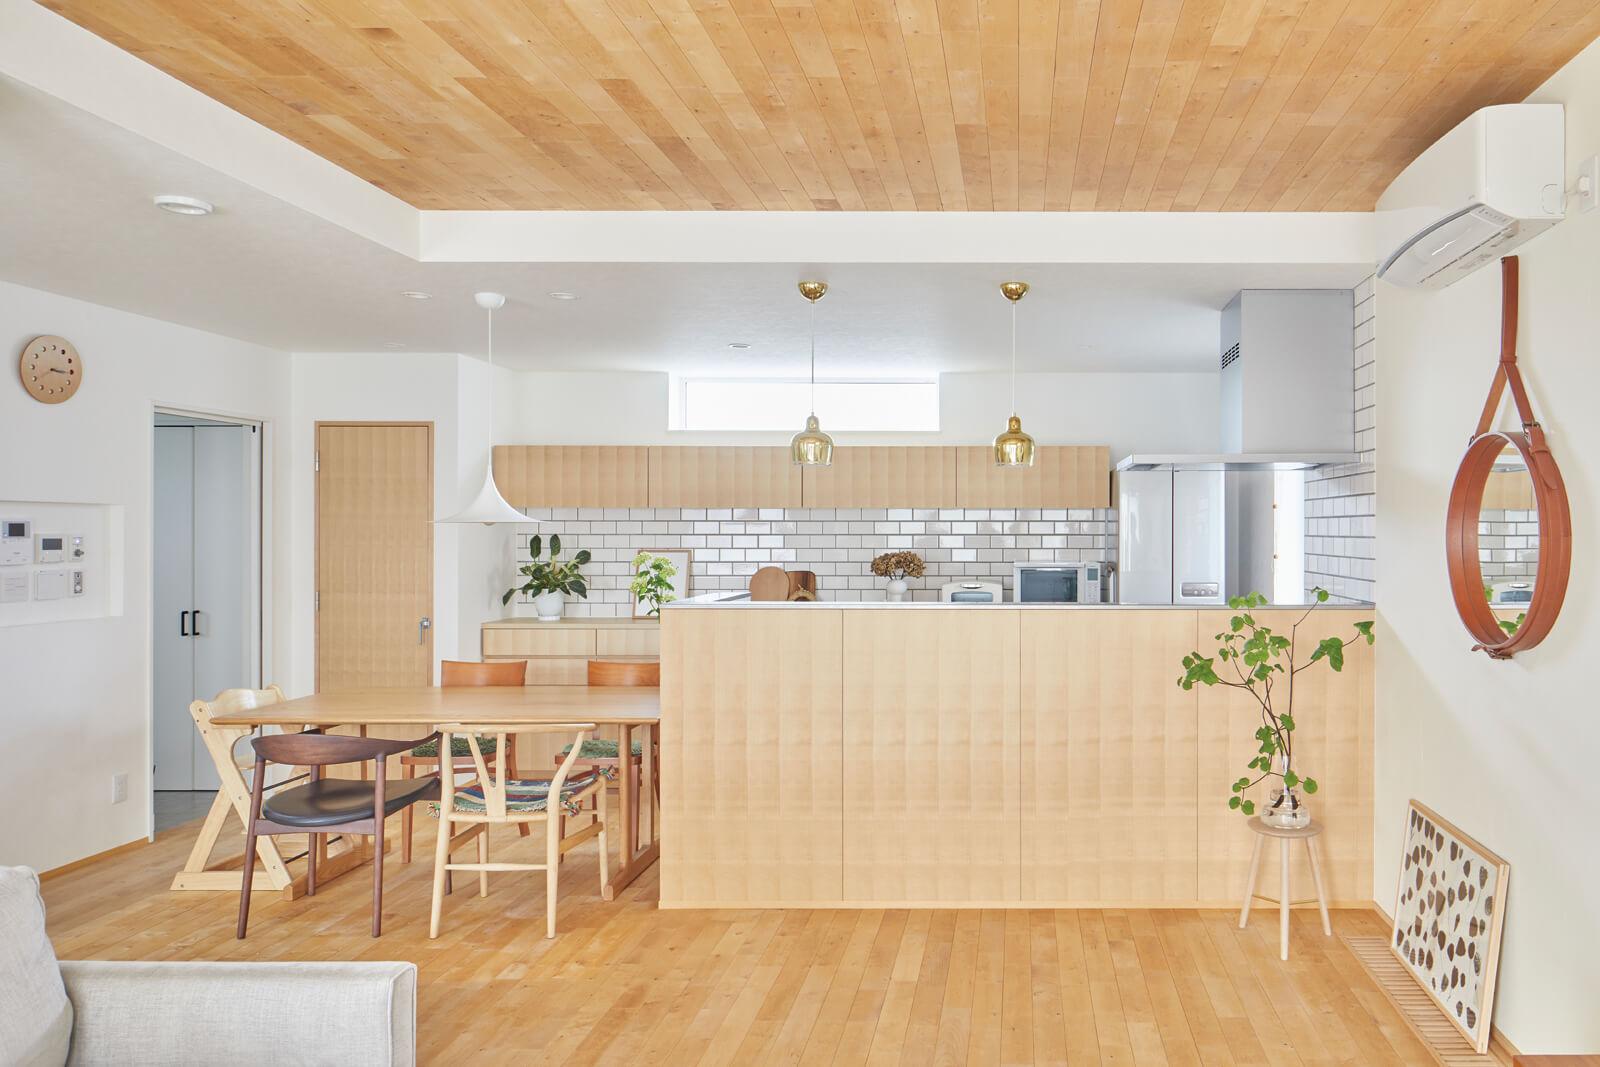 木目が美しく映えるキッチン全景。腰壁や収納建具の木目感は何度も相談を重ねたポイント